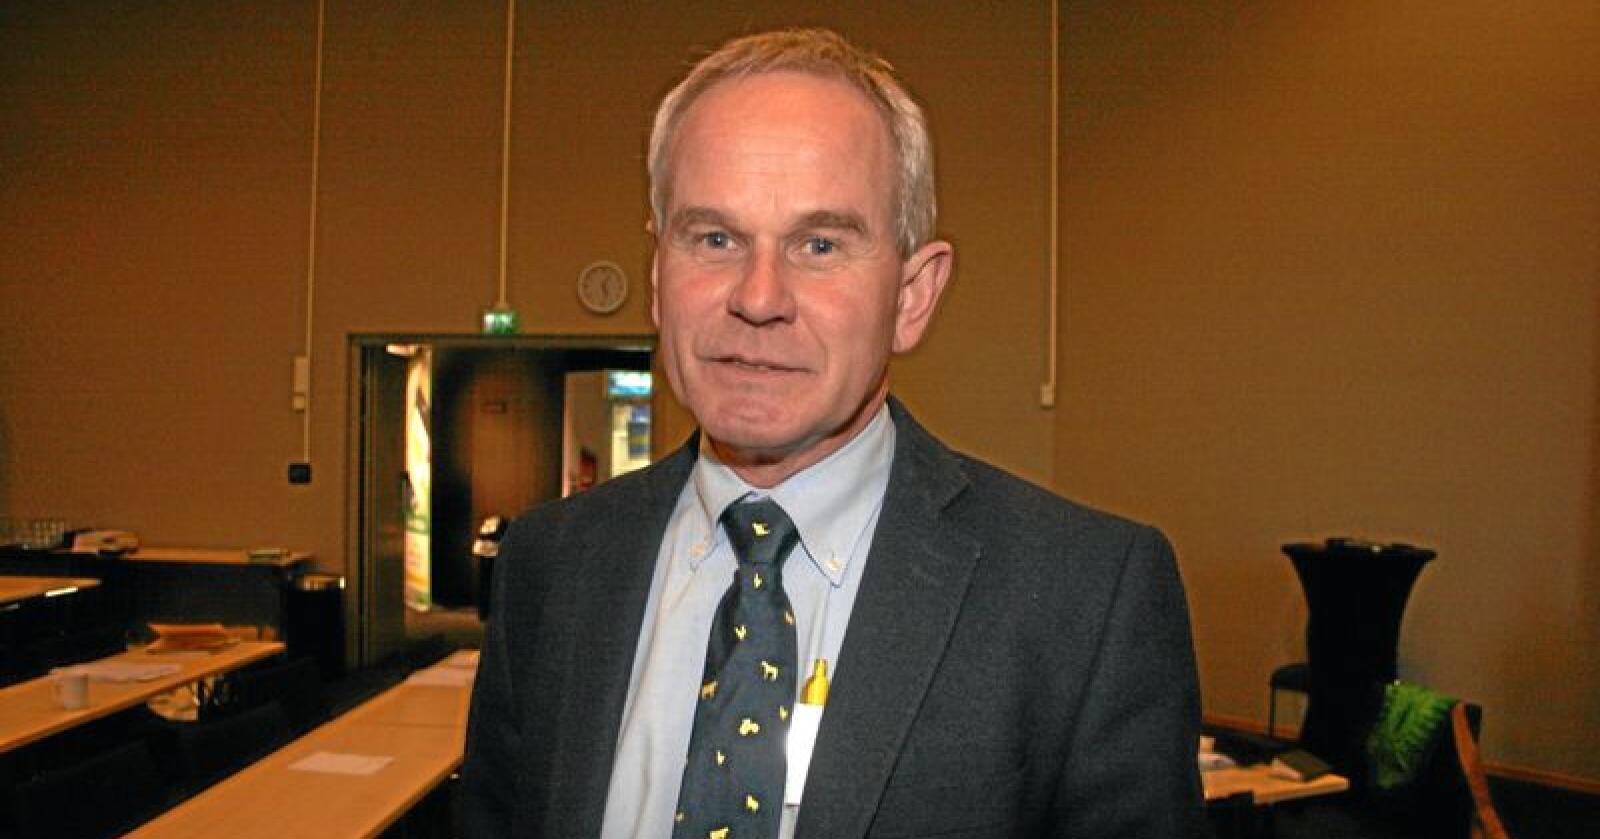 Nøgd: Per Harald Vabø, administrerande direktør i Felleskjøpet Rogaland Agder (FKRA), seier seg brukbart nøgd med resultatet for 2018. Foto: Bjarne Bekkeheien Aase